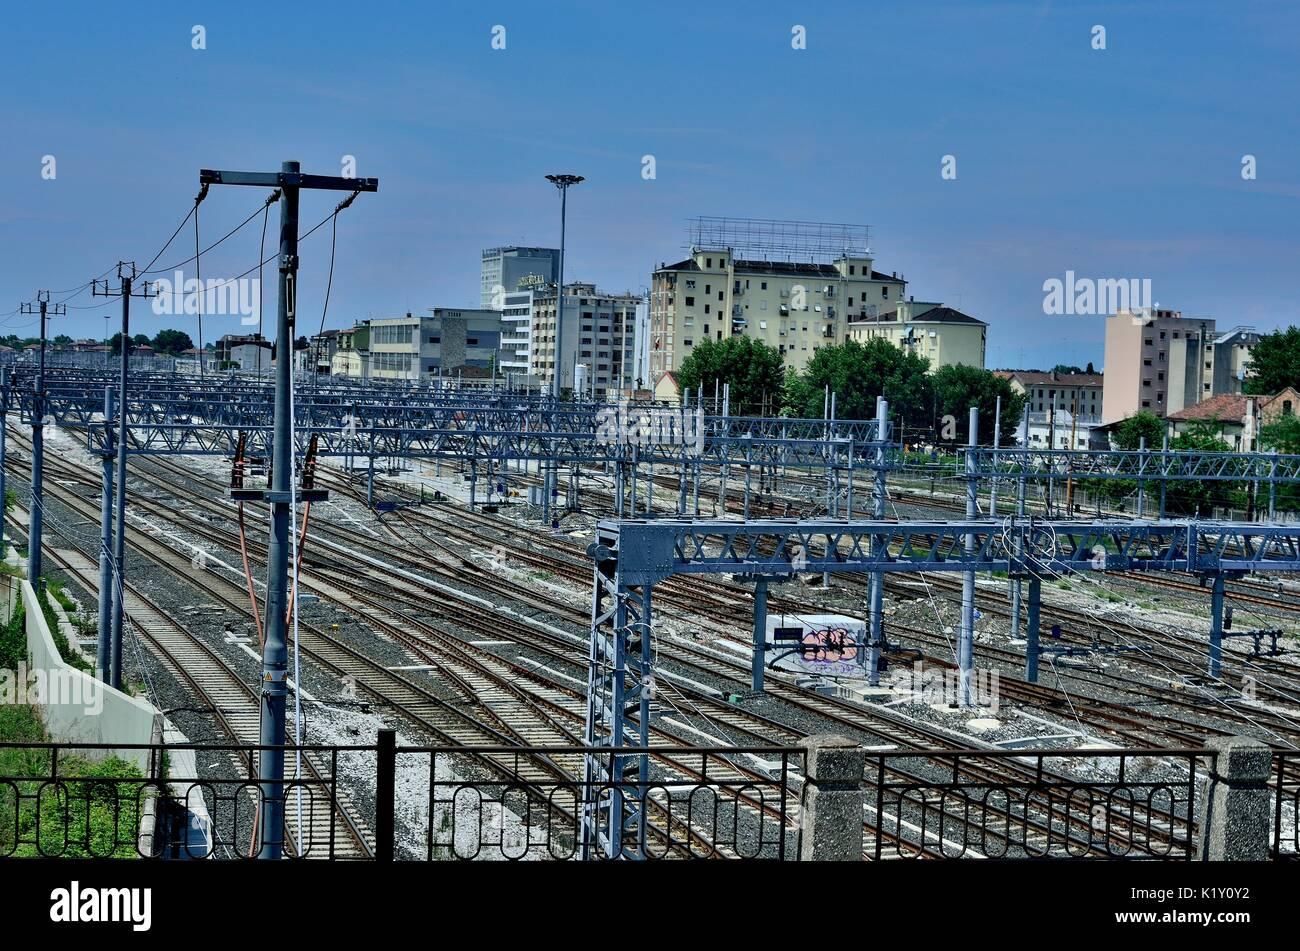 Venezia Mestre Bahnhof Gleise für die Züge in Richtung Ponte della Libertà und Venedig. Italien, Europa Stockbild